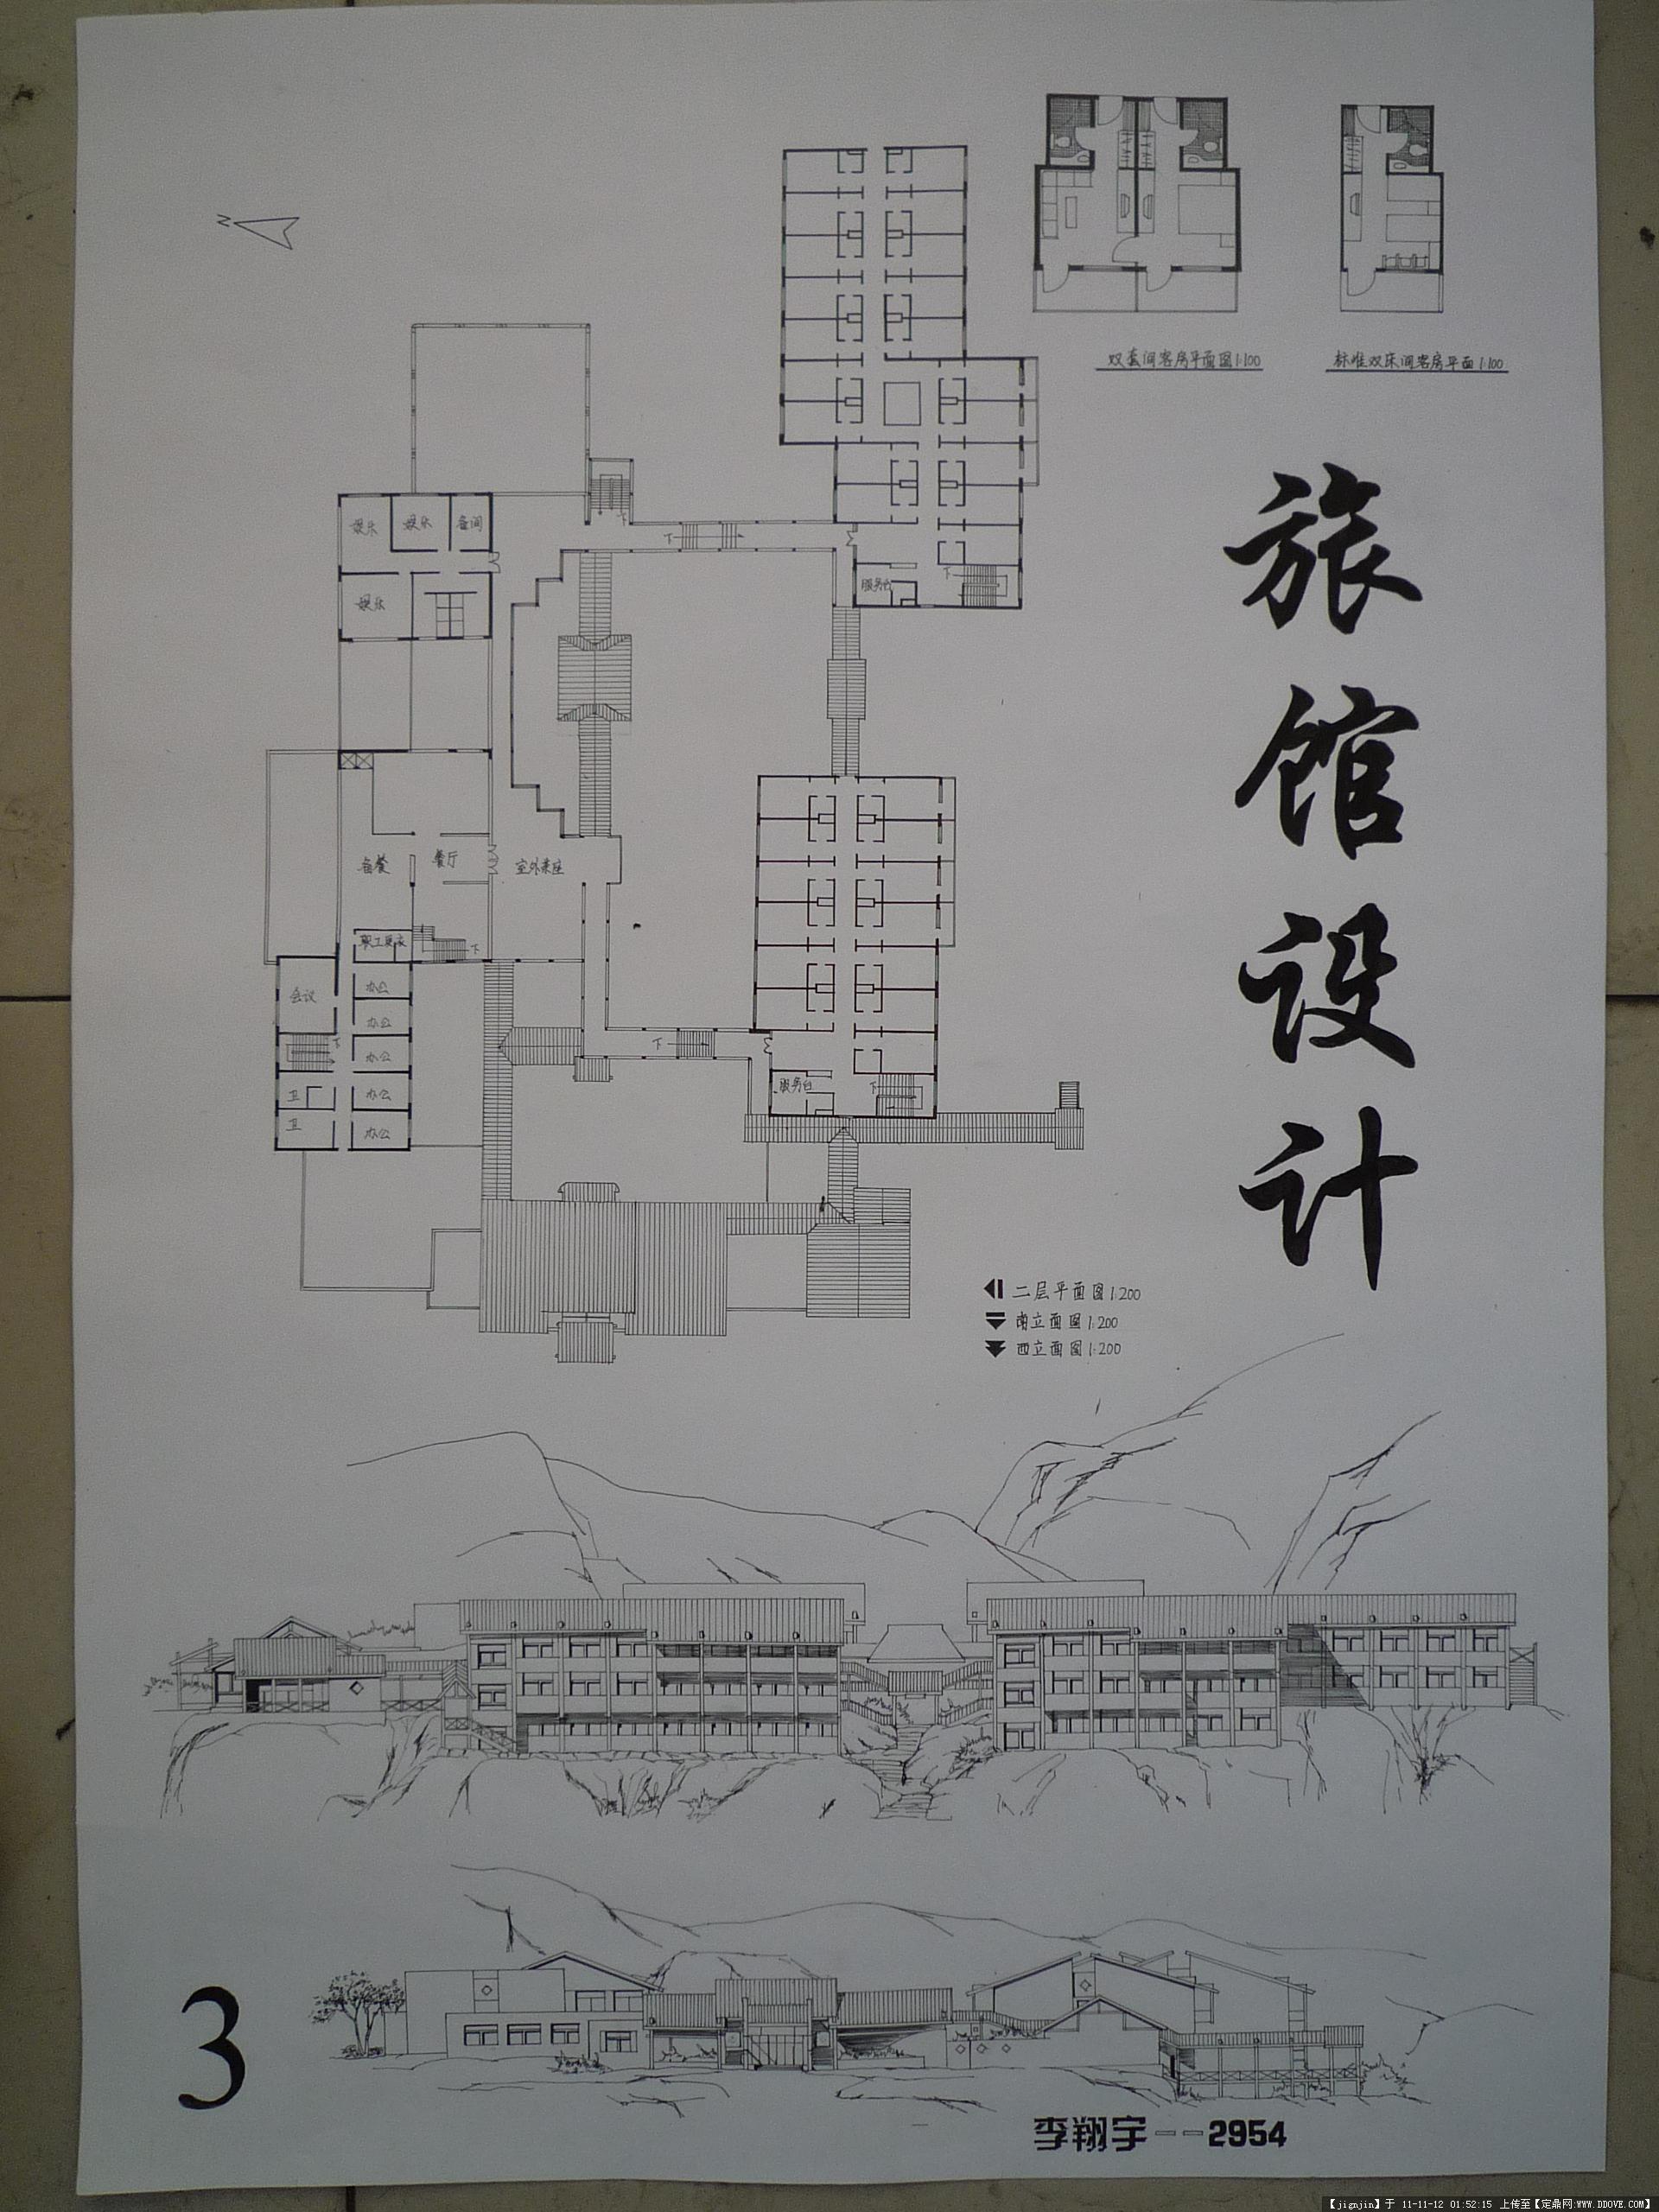 山地旅馆设计方案图的图片浏览,建筑方案图纸,宾馆,_.图片